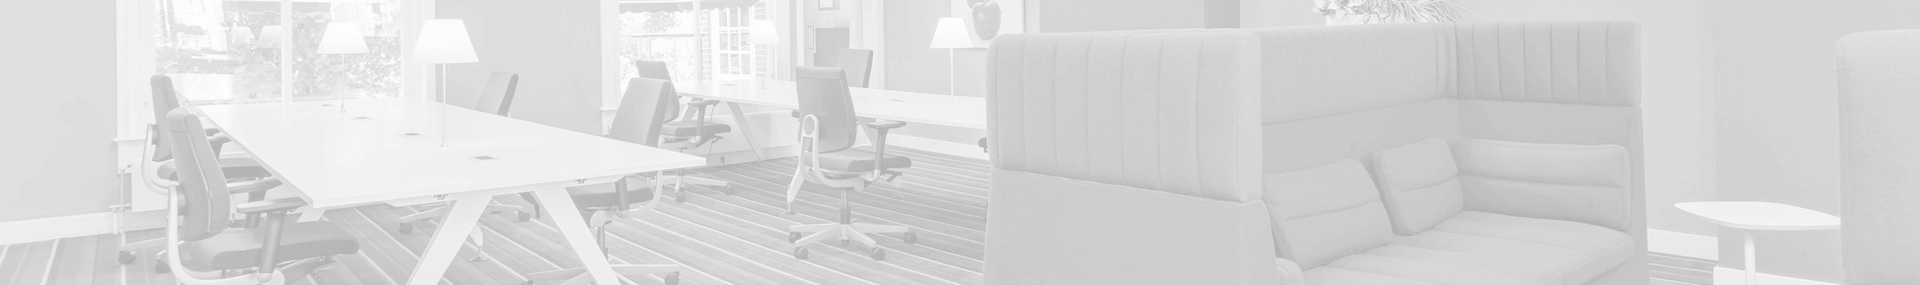 Kantoorinrichting wat zegt perla kantoorinrichting uit haarlem er over - Professionele kantoorinrichting ...